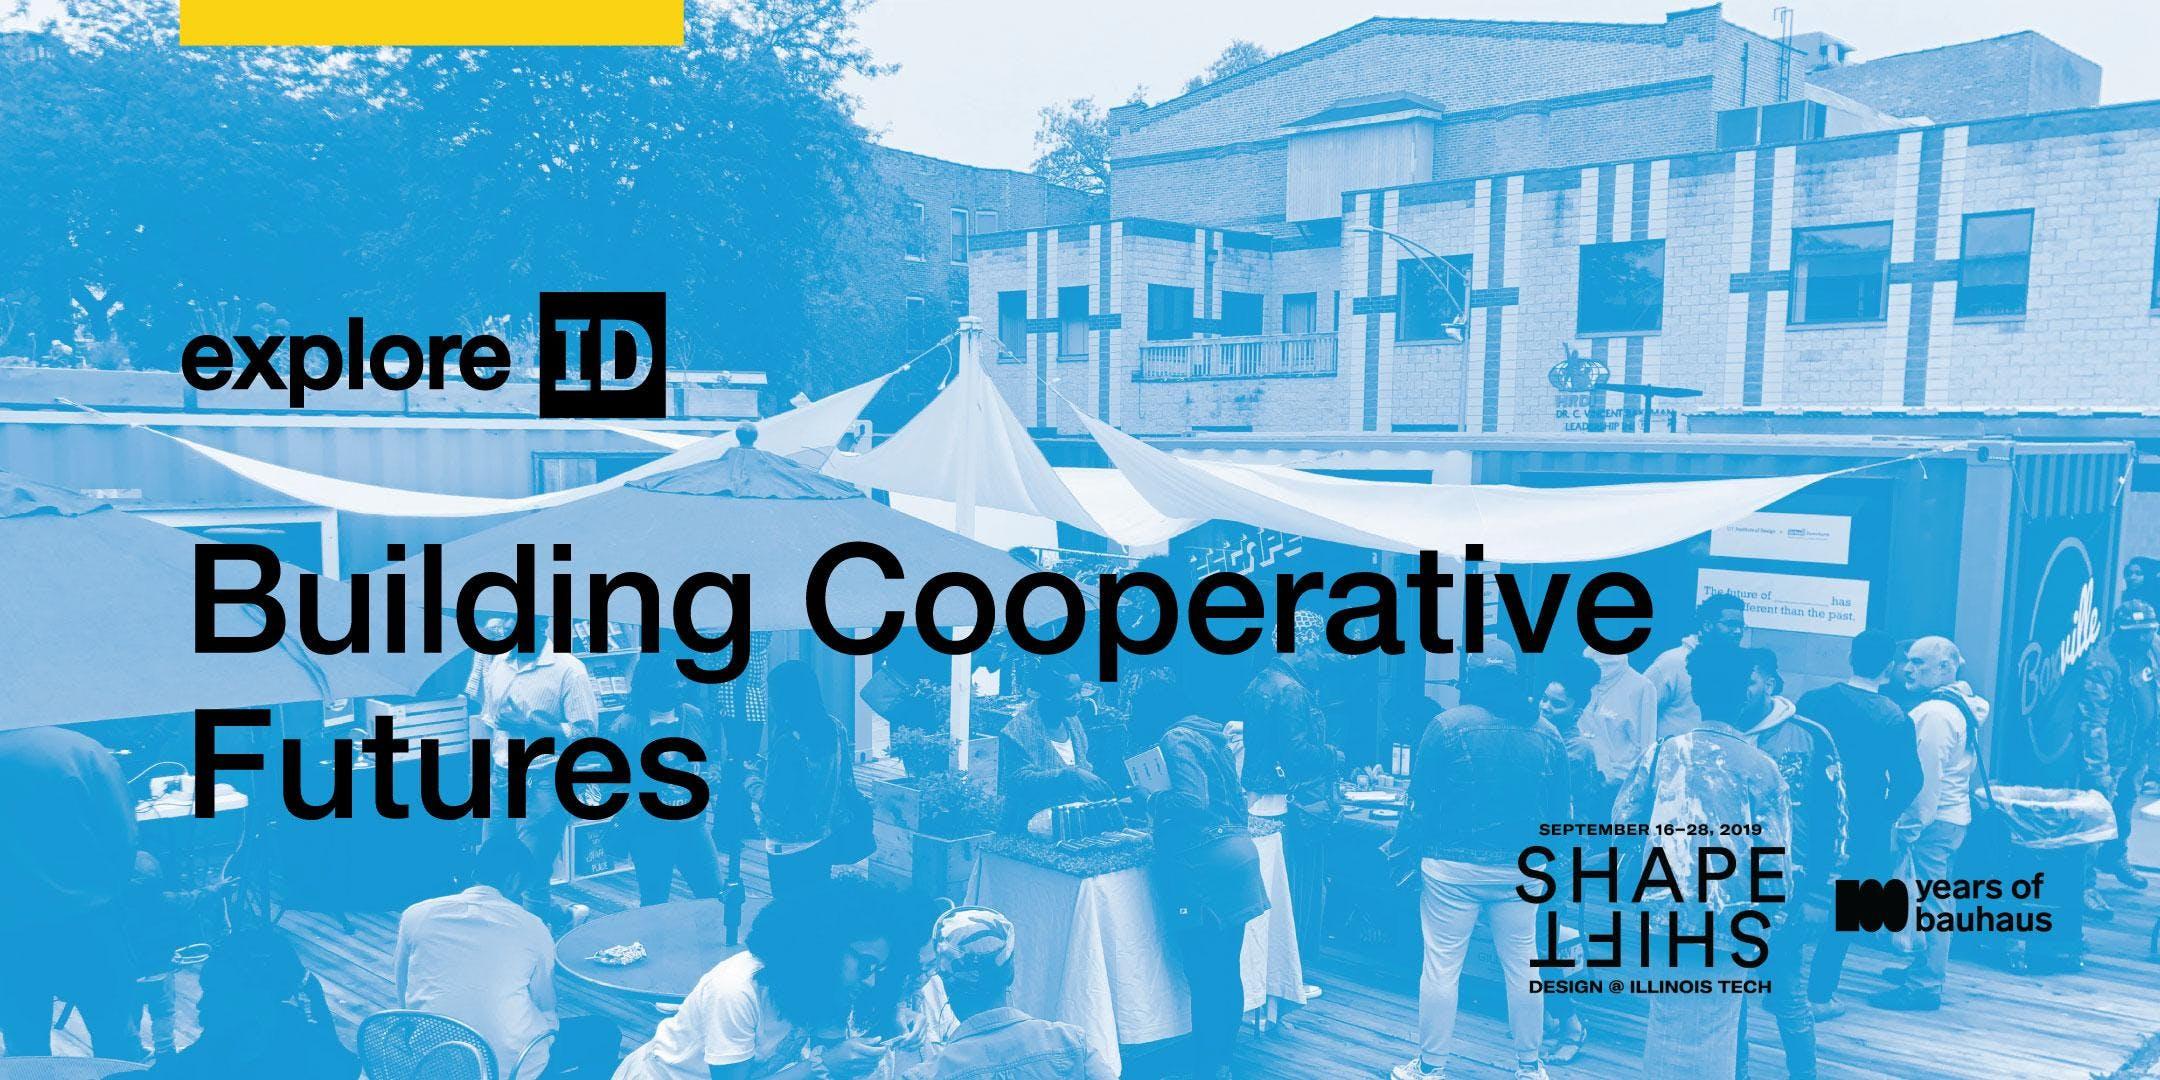 exploreID: Building Cooperative Futures